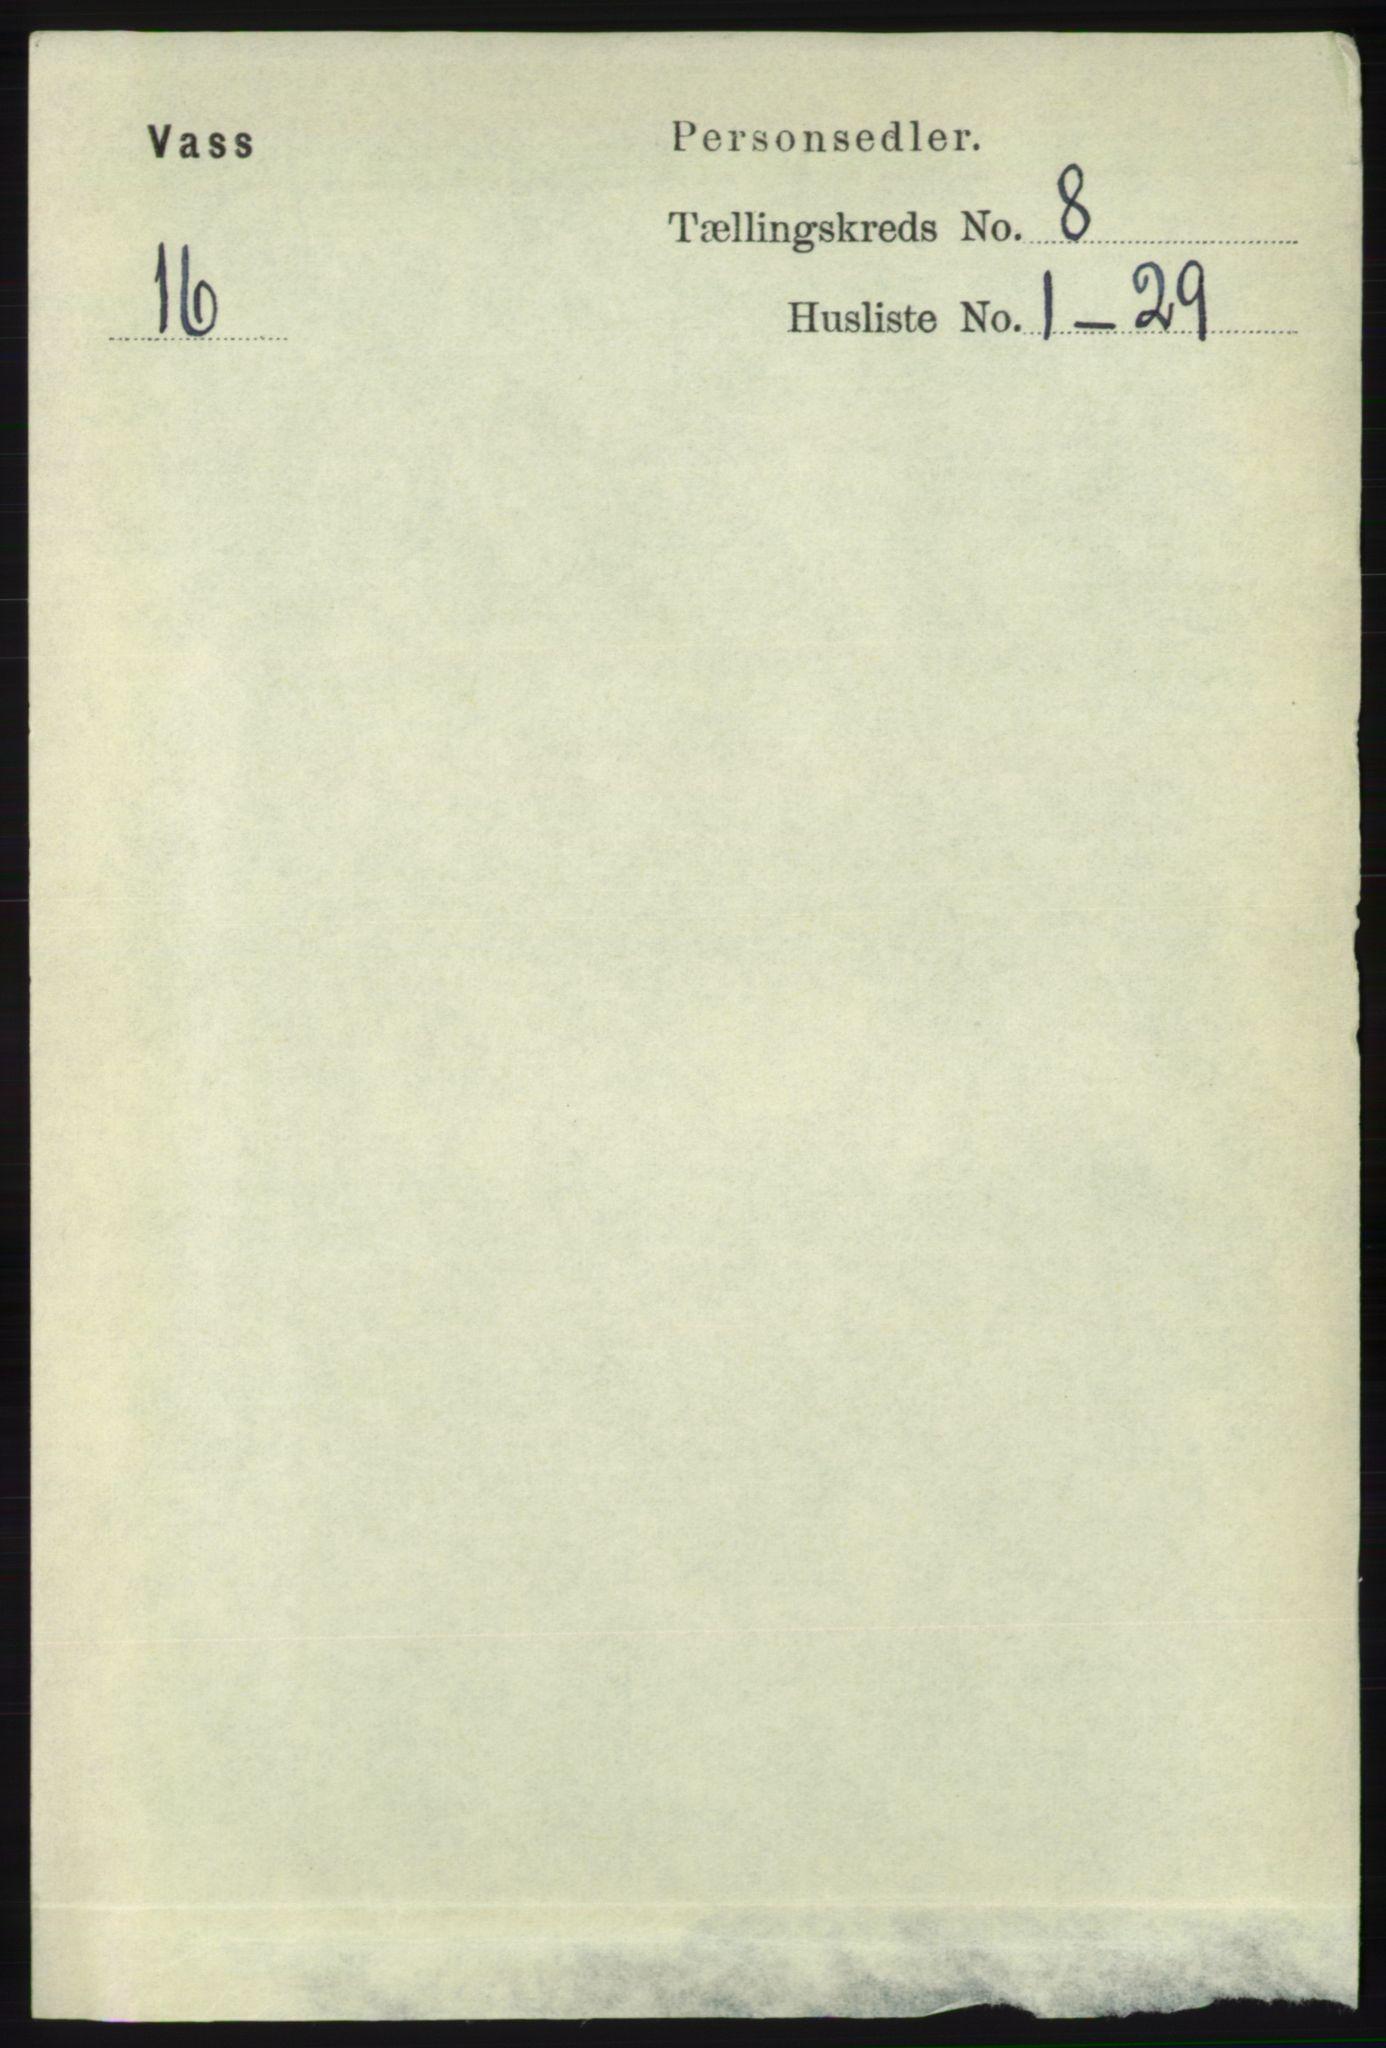 RA, Folketelling 1891 for 1155 Vats herred, 1891, s. 1332